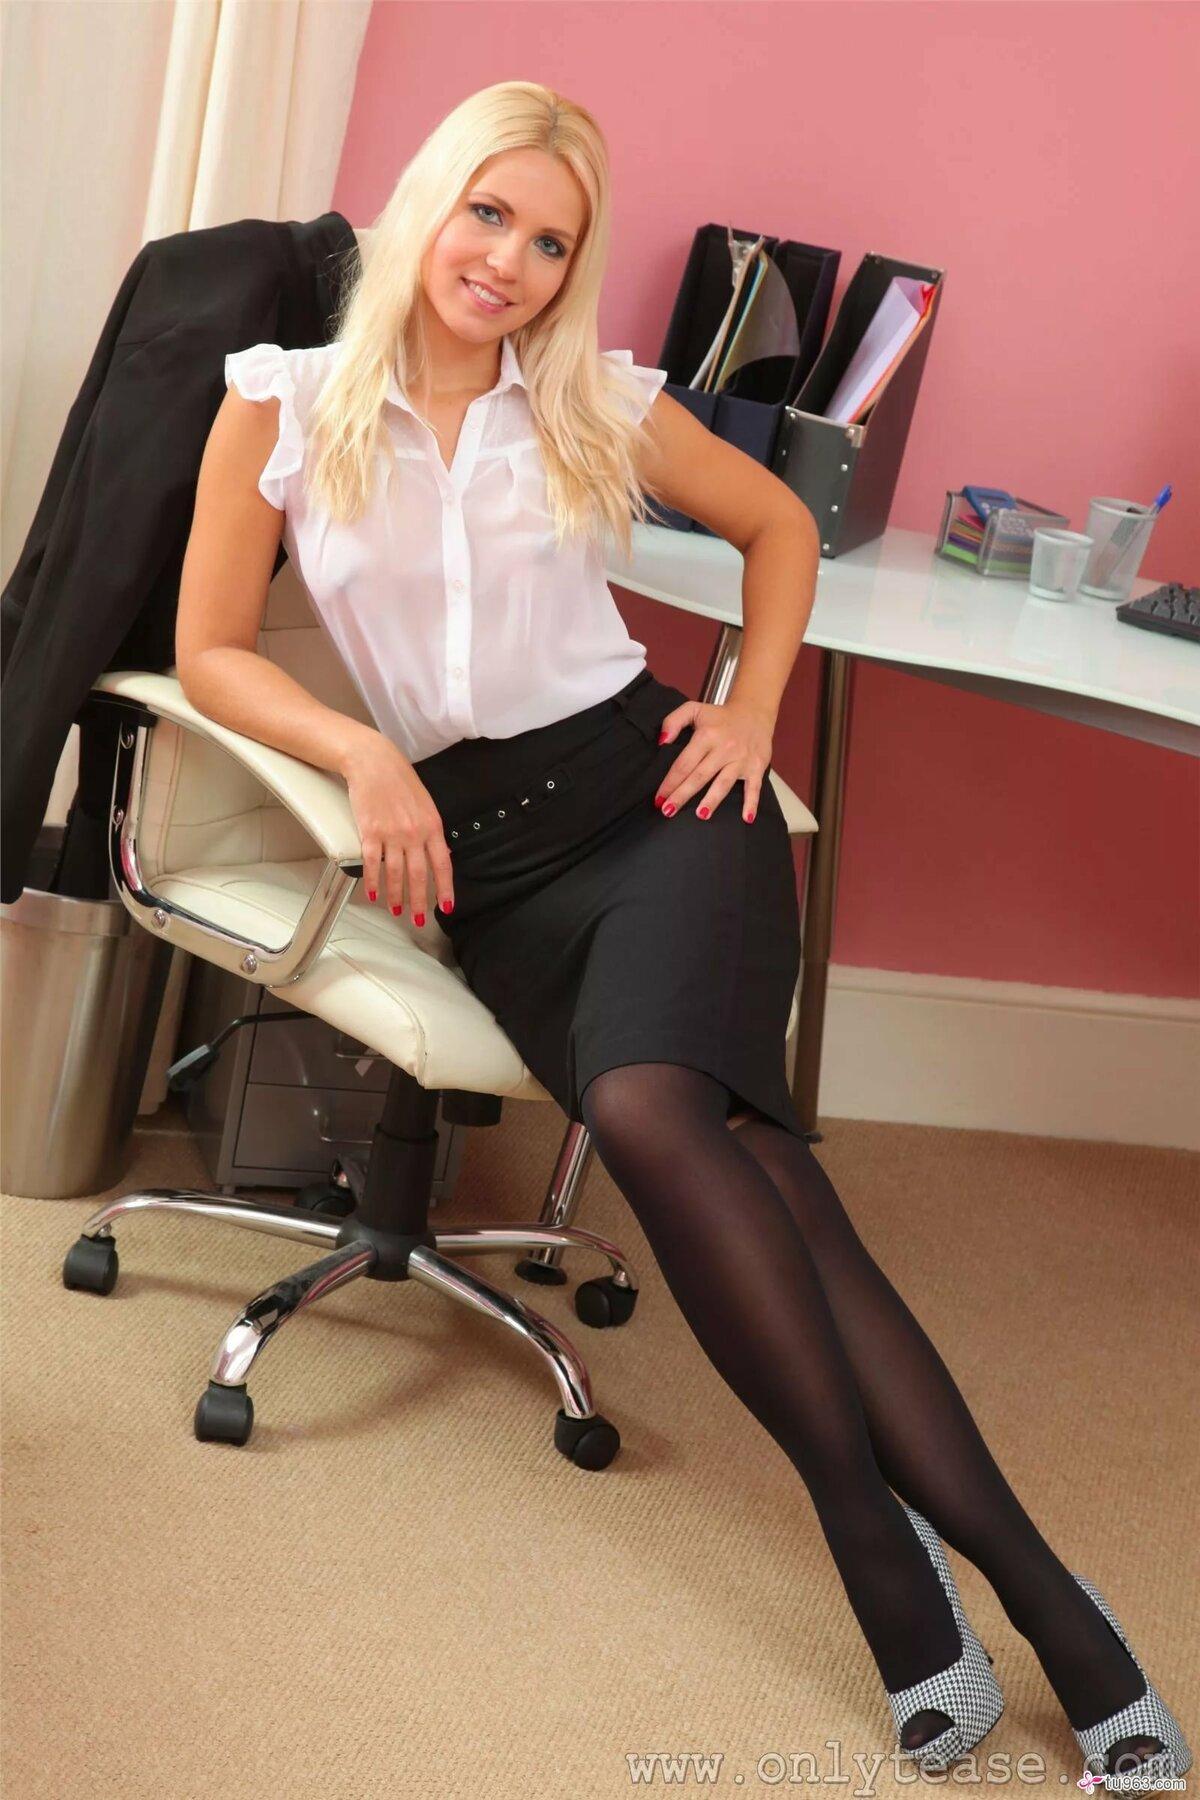 Фото как секретарша снимает черные колготки